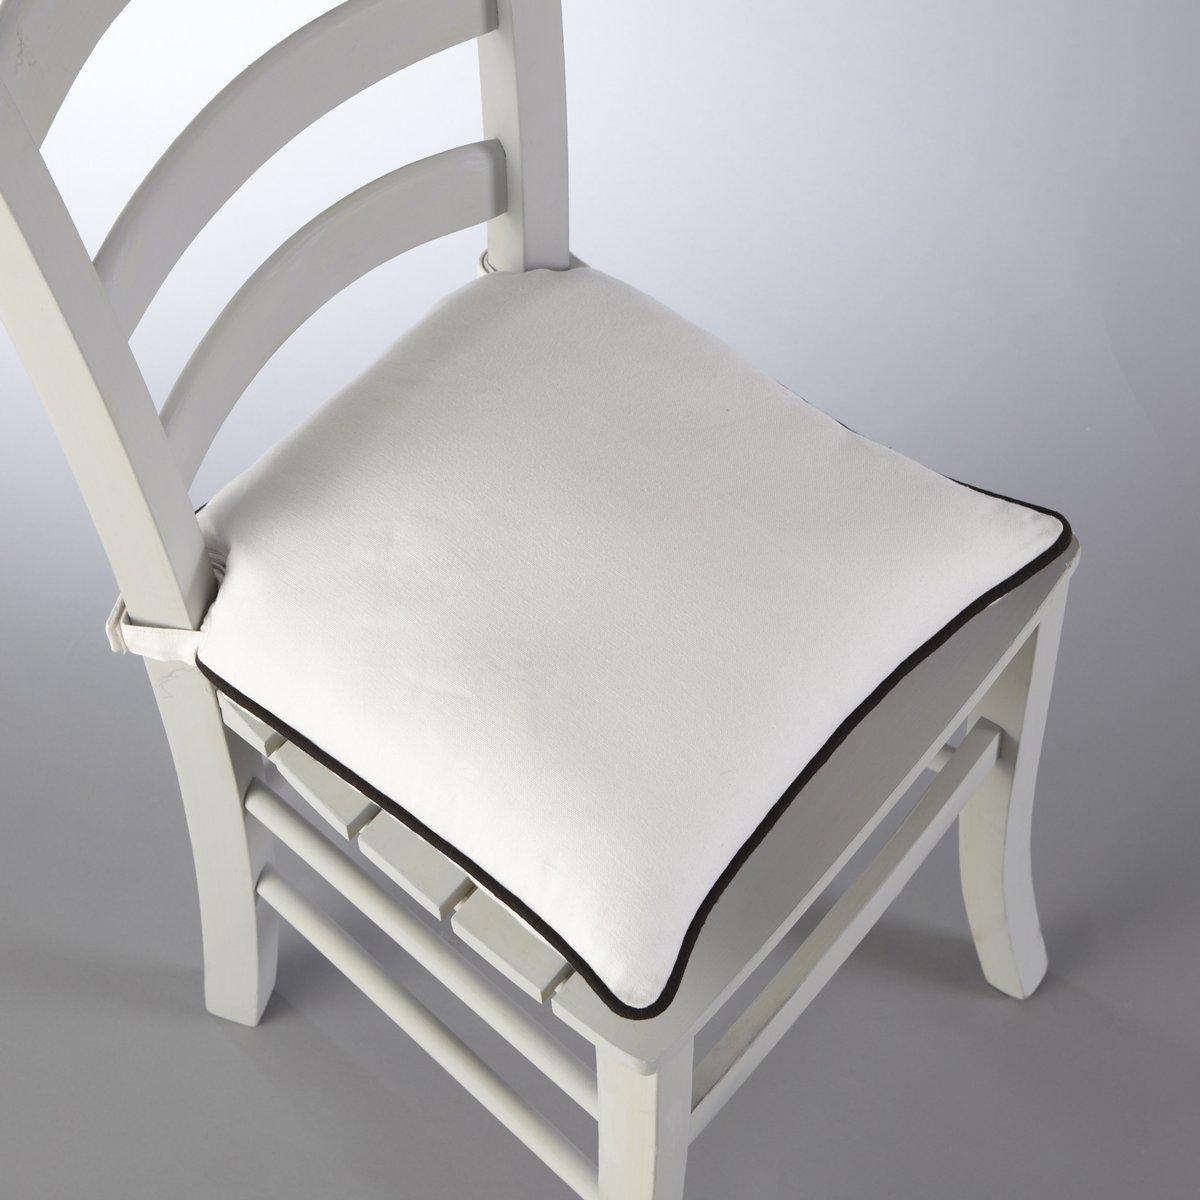 Подушка для стула, BRIDGYКоллекция предметов декора Valeur S?re - качественные изделия с красивой отделкой. Существует 5 однотонных расцветок и 1 принт в полоску (не для всех моделей). Все чехлы для мебели: кресел, диванов, стульев и для декоративных подушек (продаются отдельно на нашем сайте) отлично сочетаются. Состав, описание и уход: - 100% хлопок, отделка контрастным кантом. - Наполнитель: 100% полиэстера. - Съемный чехол. - Стирать при 40°C.- Застежка текстильная (липучка). - Размеры: 40 x 40 см, толщина: 4 см.Сертификат Oeko-Tex® дает гарантию того, что товары изготовлены без применения химических средств и не представляют опасности для здоровья человека.<br><br>Цвет: антрацит/светло-серый,белый/ черный,бордовый/антрацит,индиго/серый жемчужный,серо-бежевый/серо-коричневый,серый жемчужный/ белый,Сине-зеленый/черный<br>Размер: 40 x 40  см.40 x 40  см.40 x 40  см.40 x 40  см